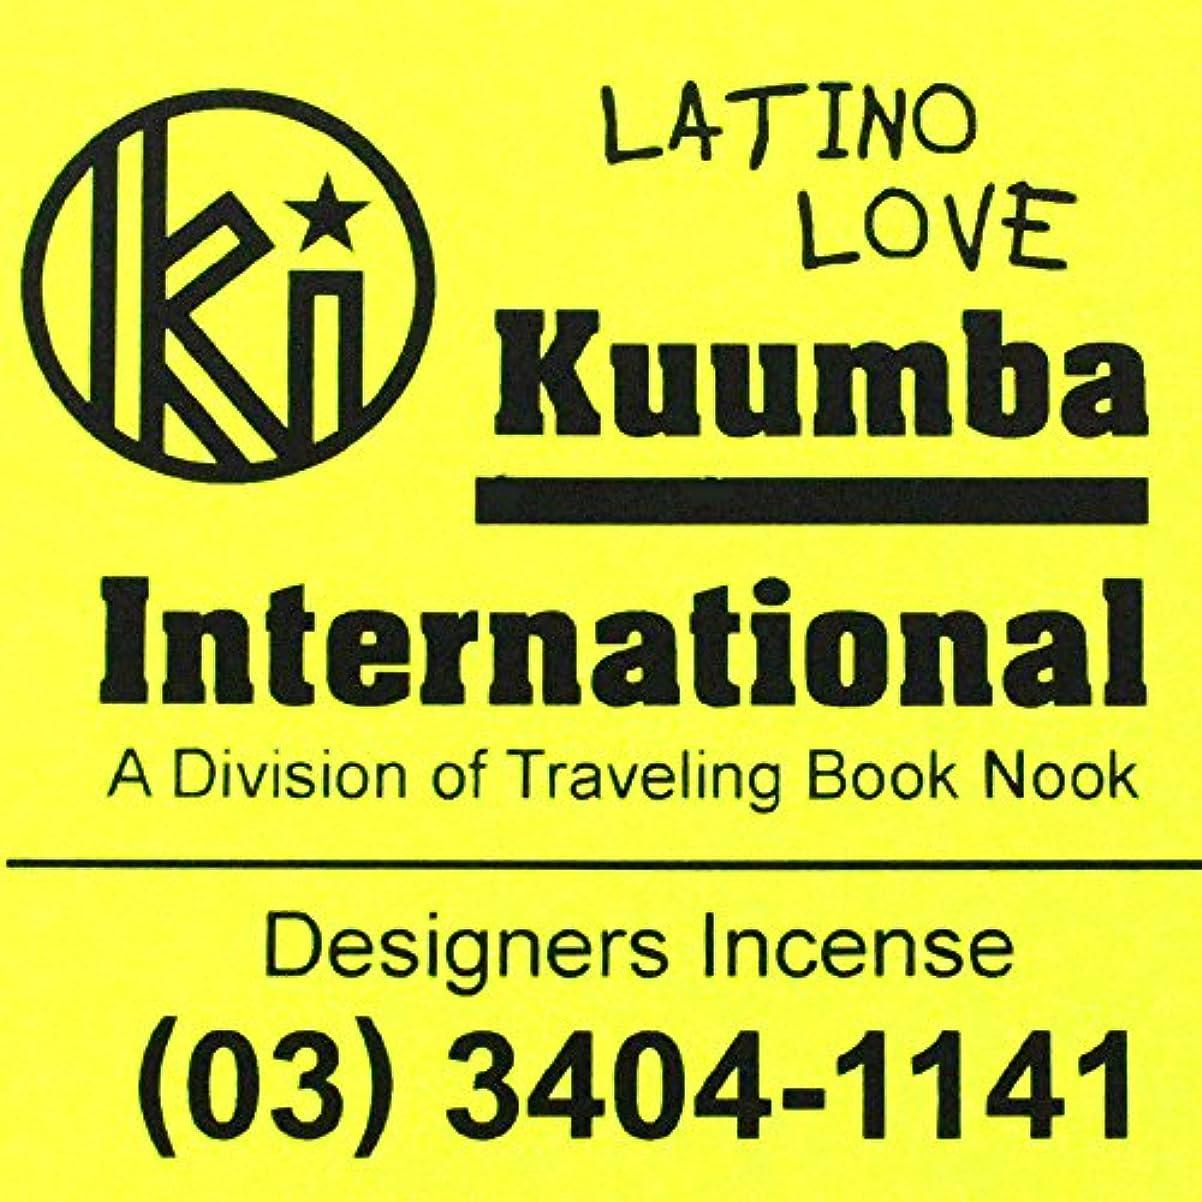 アークバイオレットイヤホン(クンバ) KUUMBA『incense』(LATINO LOVE) (Regular size)